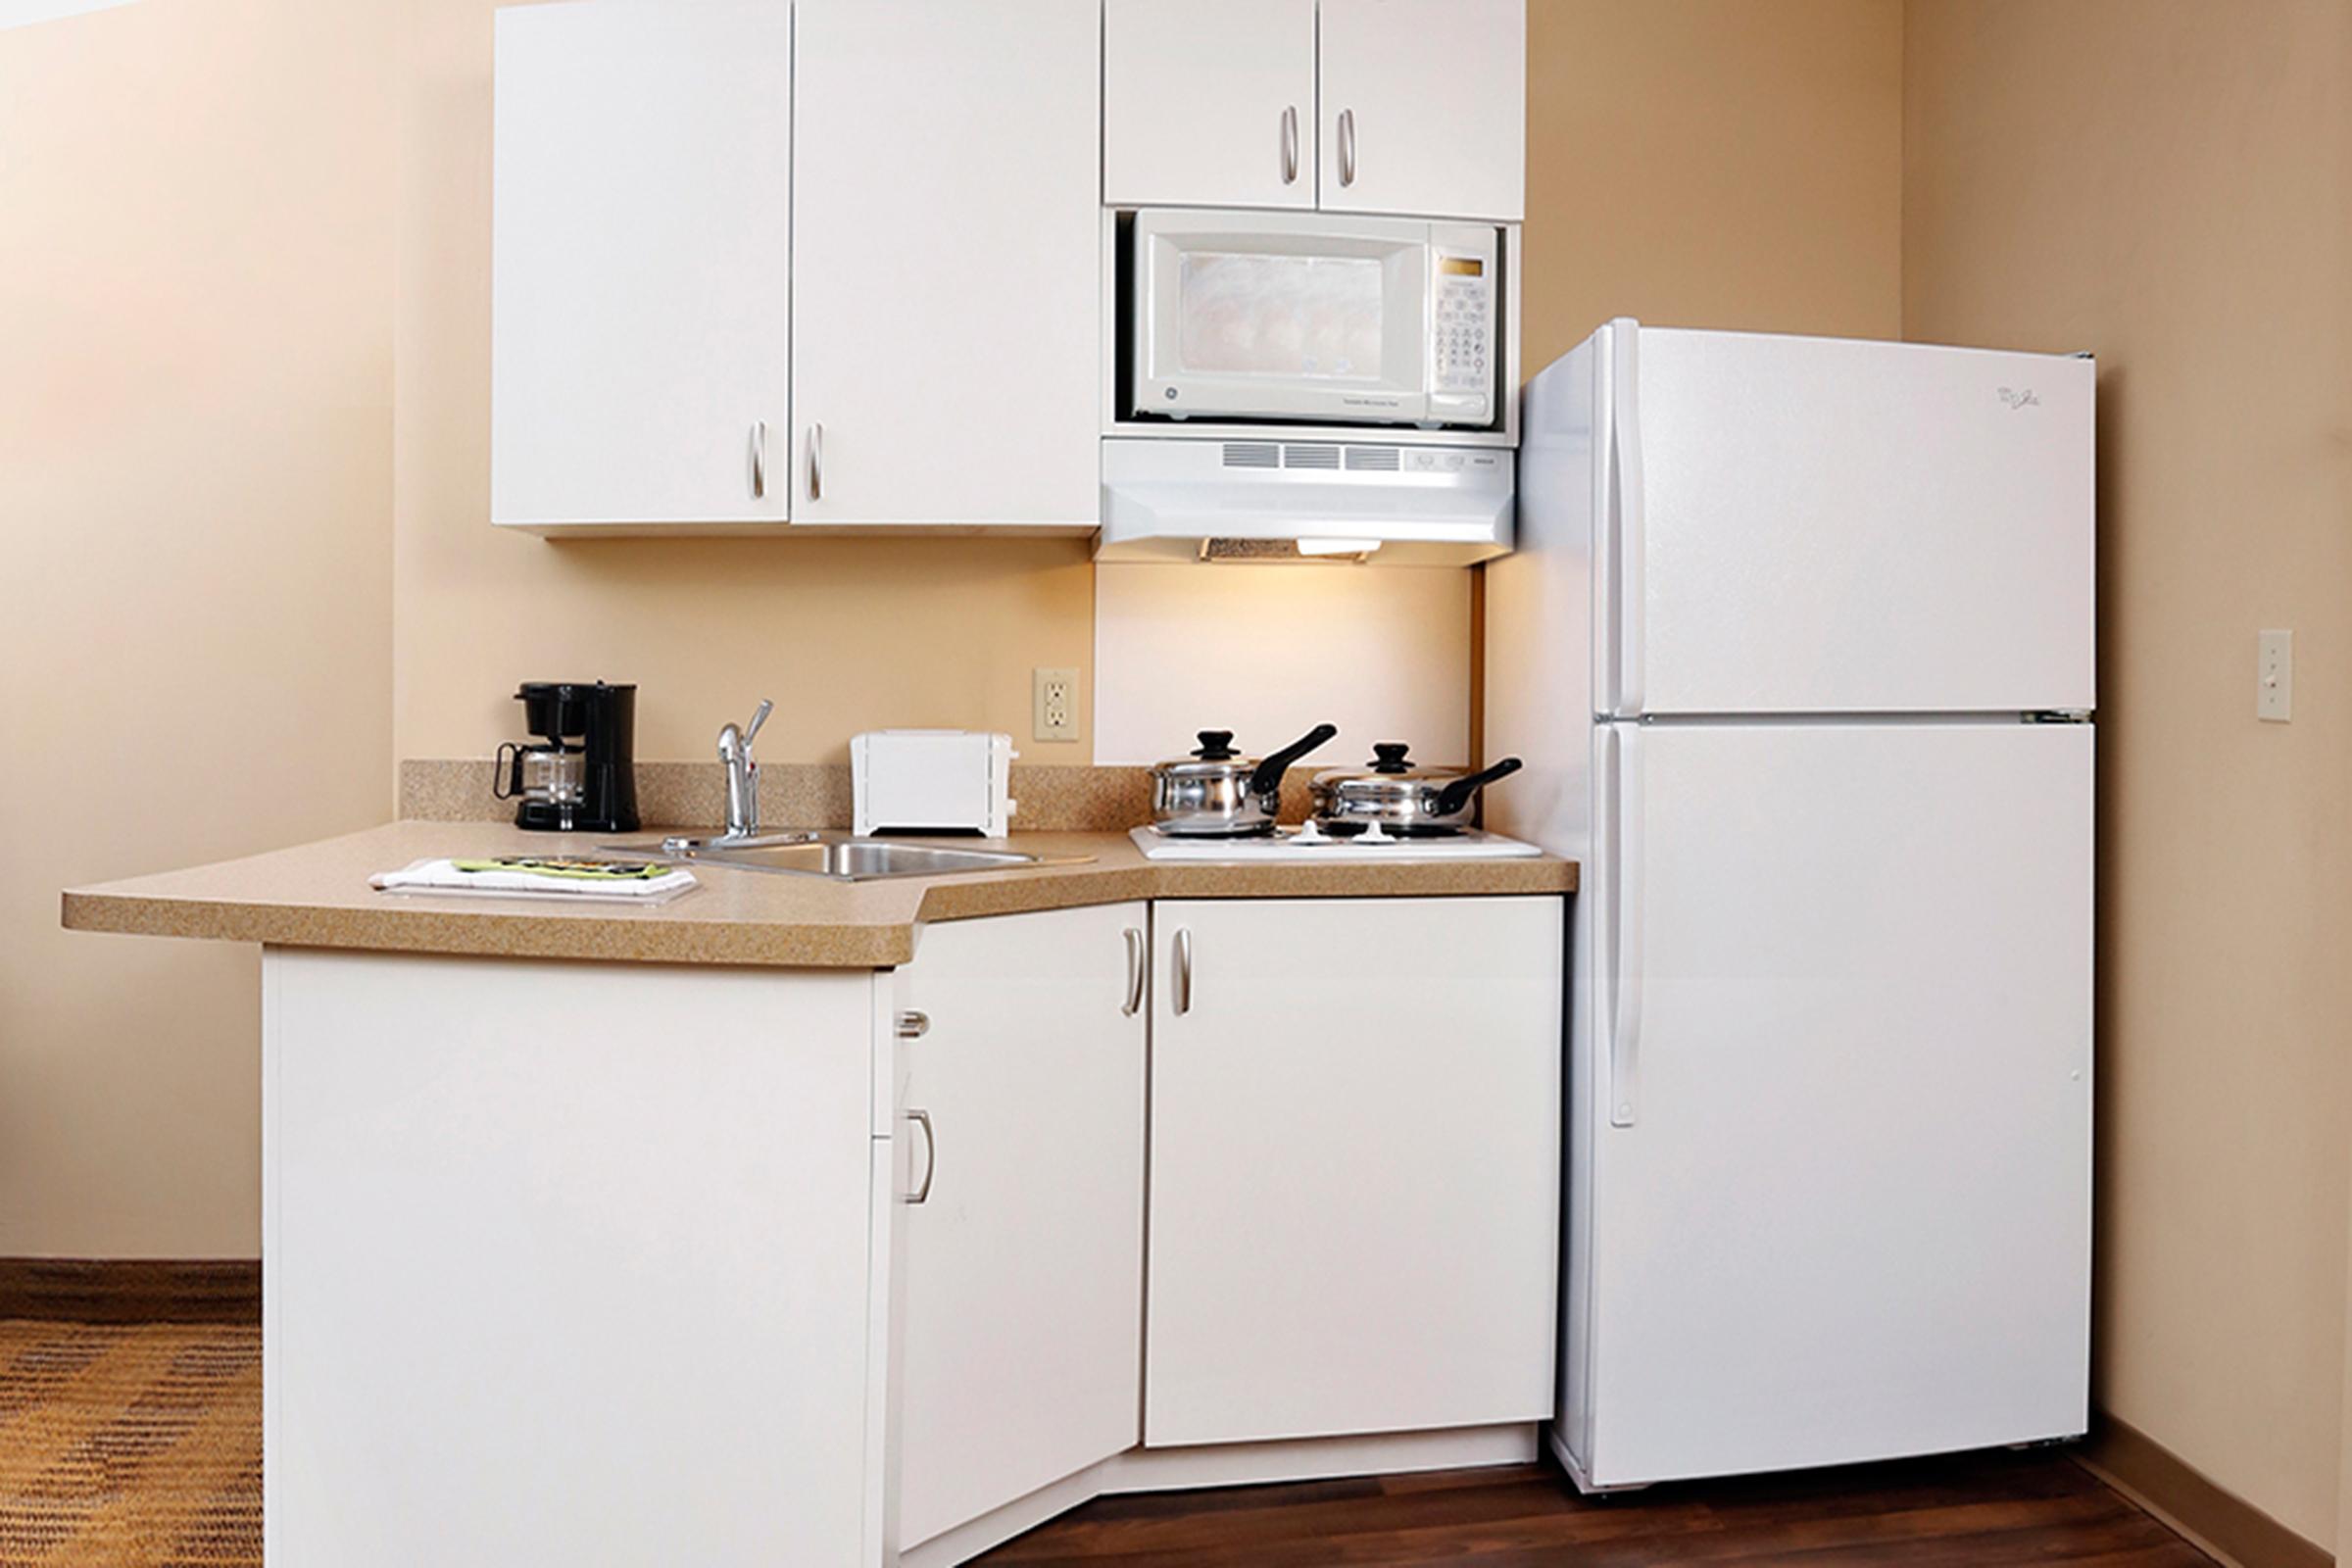 ESA_kitchen_2400x1600.jpg